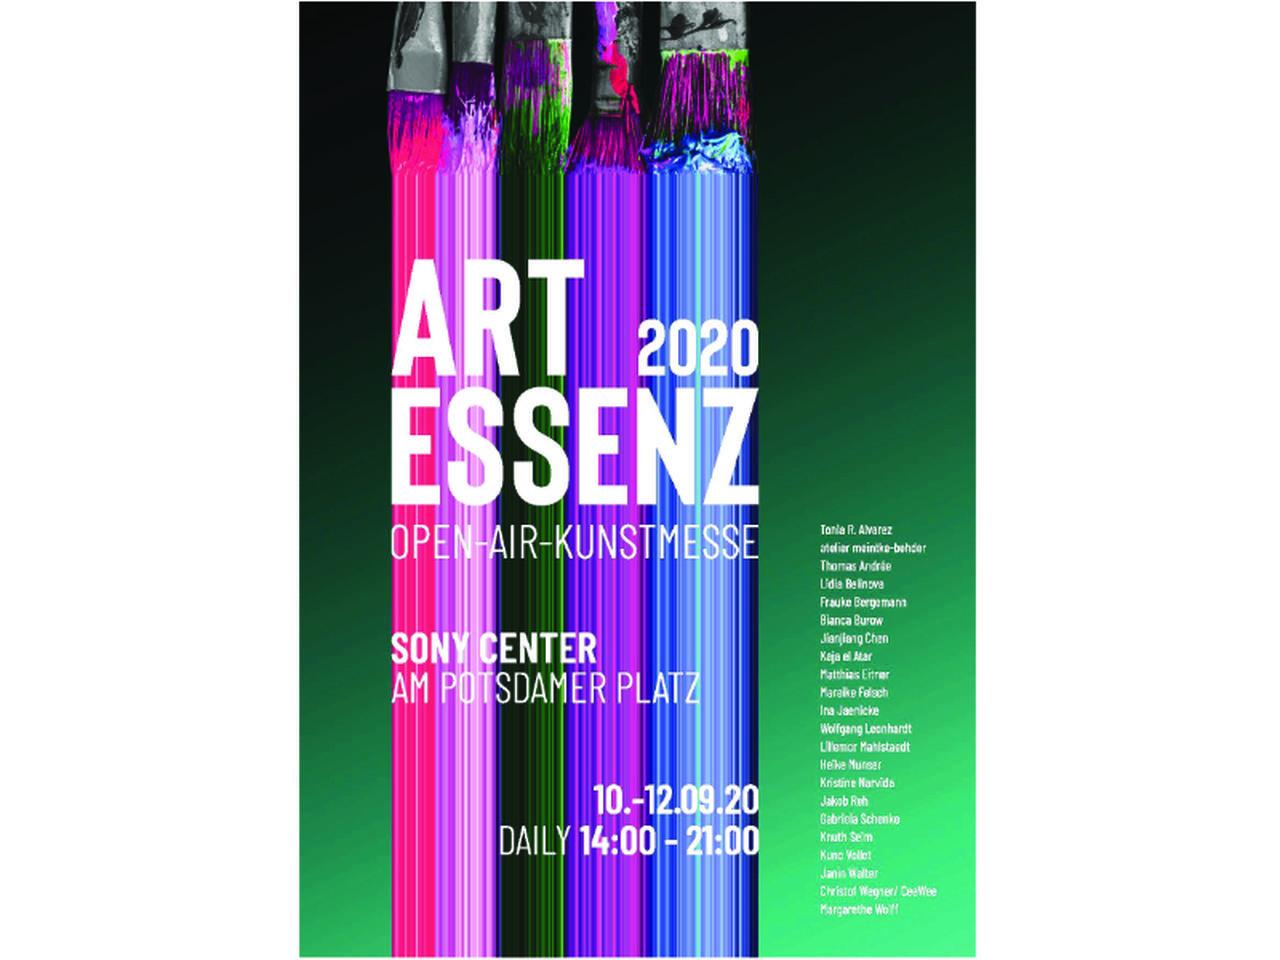 Open Air Kunstmesse